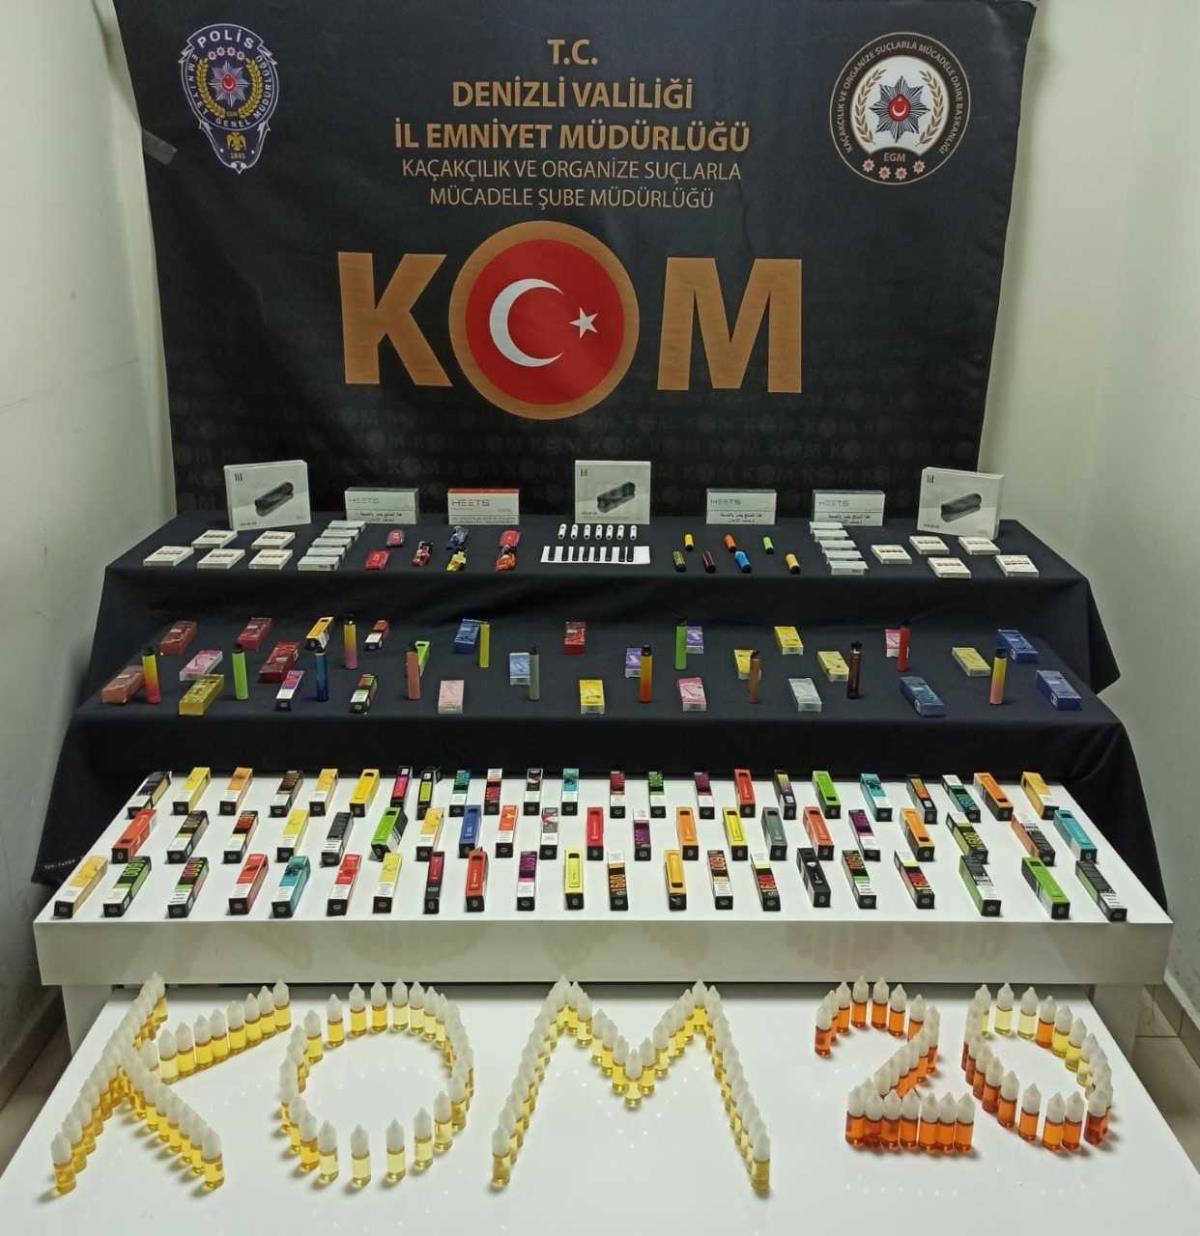 Denizli merkezli kaçak elektronik sigara operasyonunda 1 kişi tutuklandı